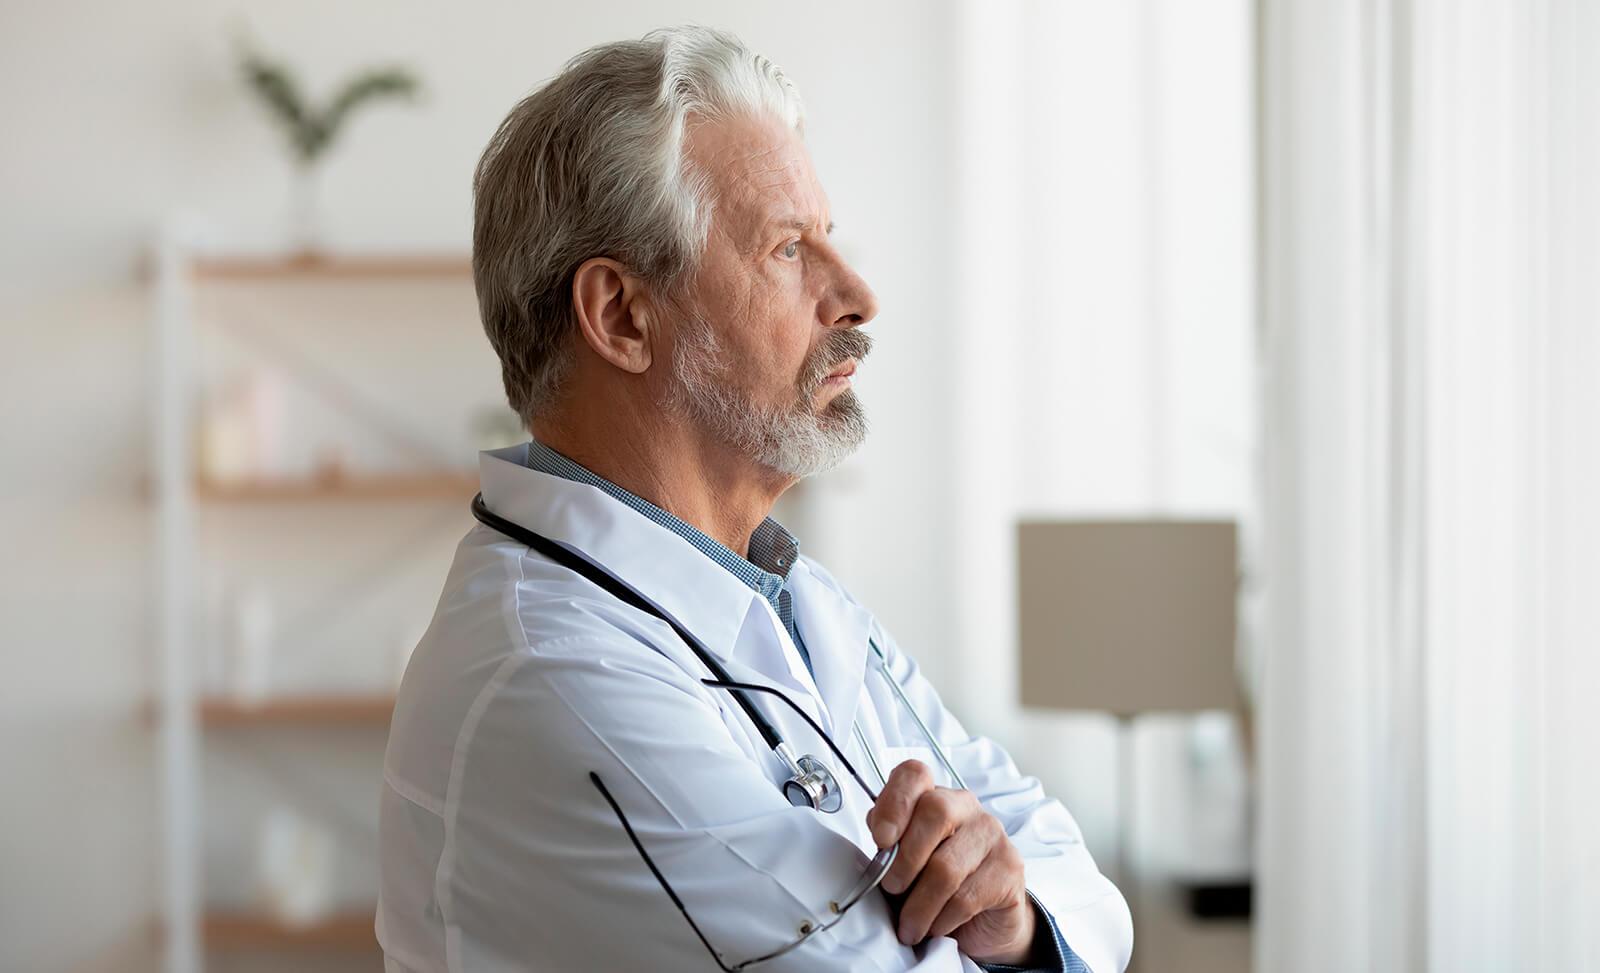 Las creencias sobre la nicotina entre profesionales de la salud